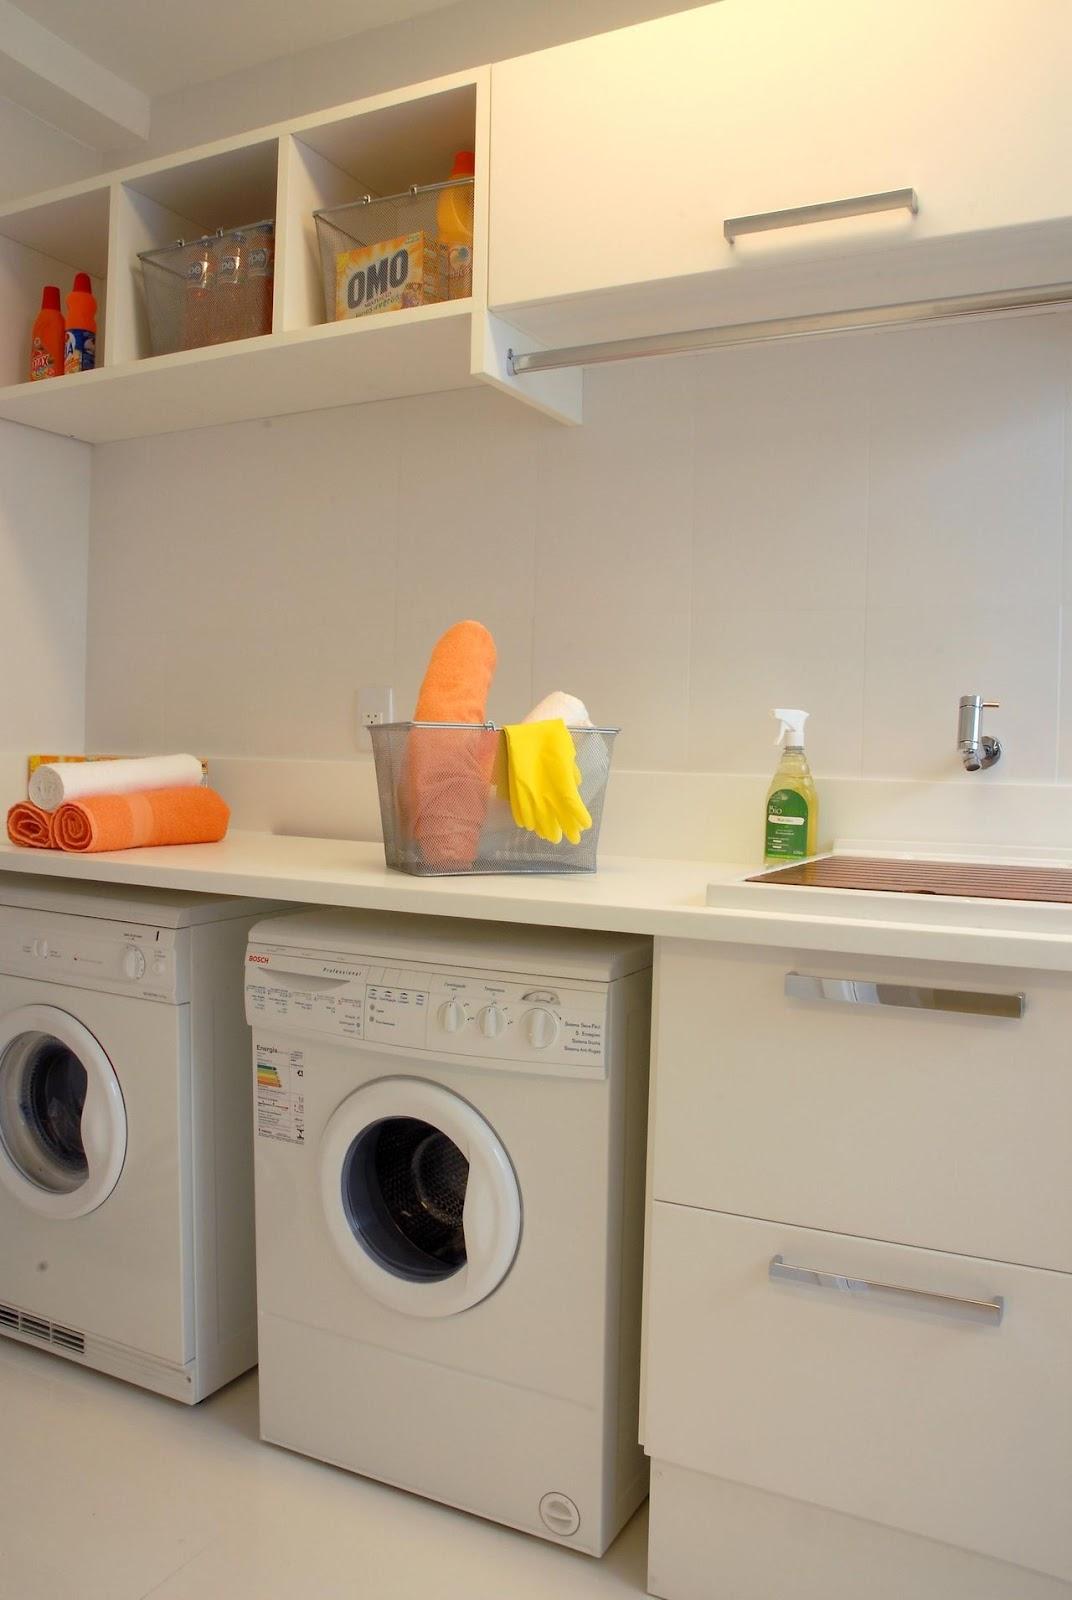 Imagem de uma área de serviços pequena e padrão, com duas máquinas de alvar e uma pia.